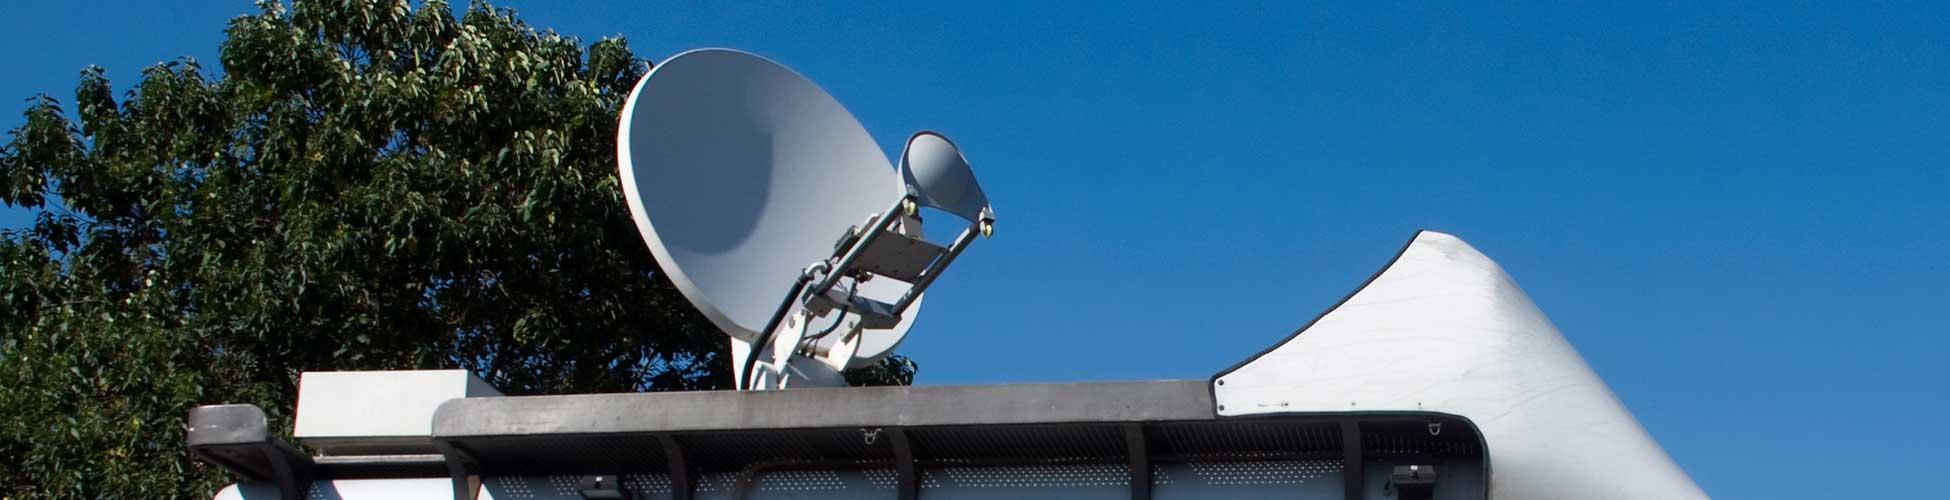 Digital Audio Playout with Icecast, HLS, RTMP, Ybrid, DVB